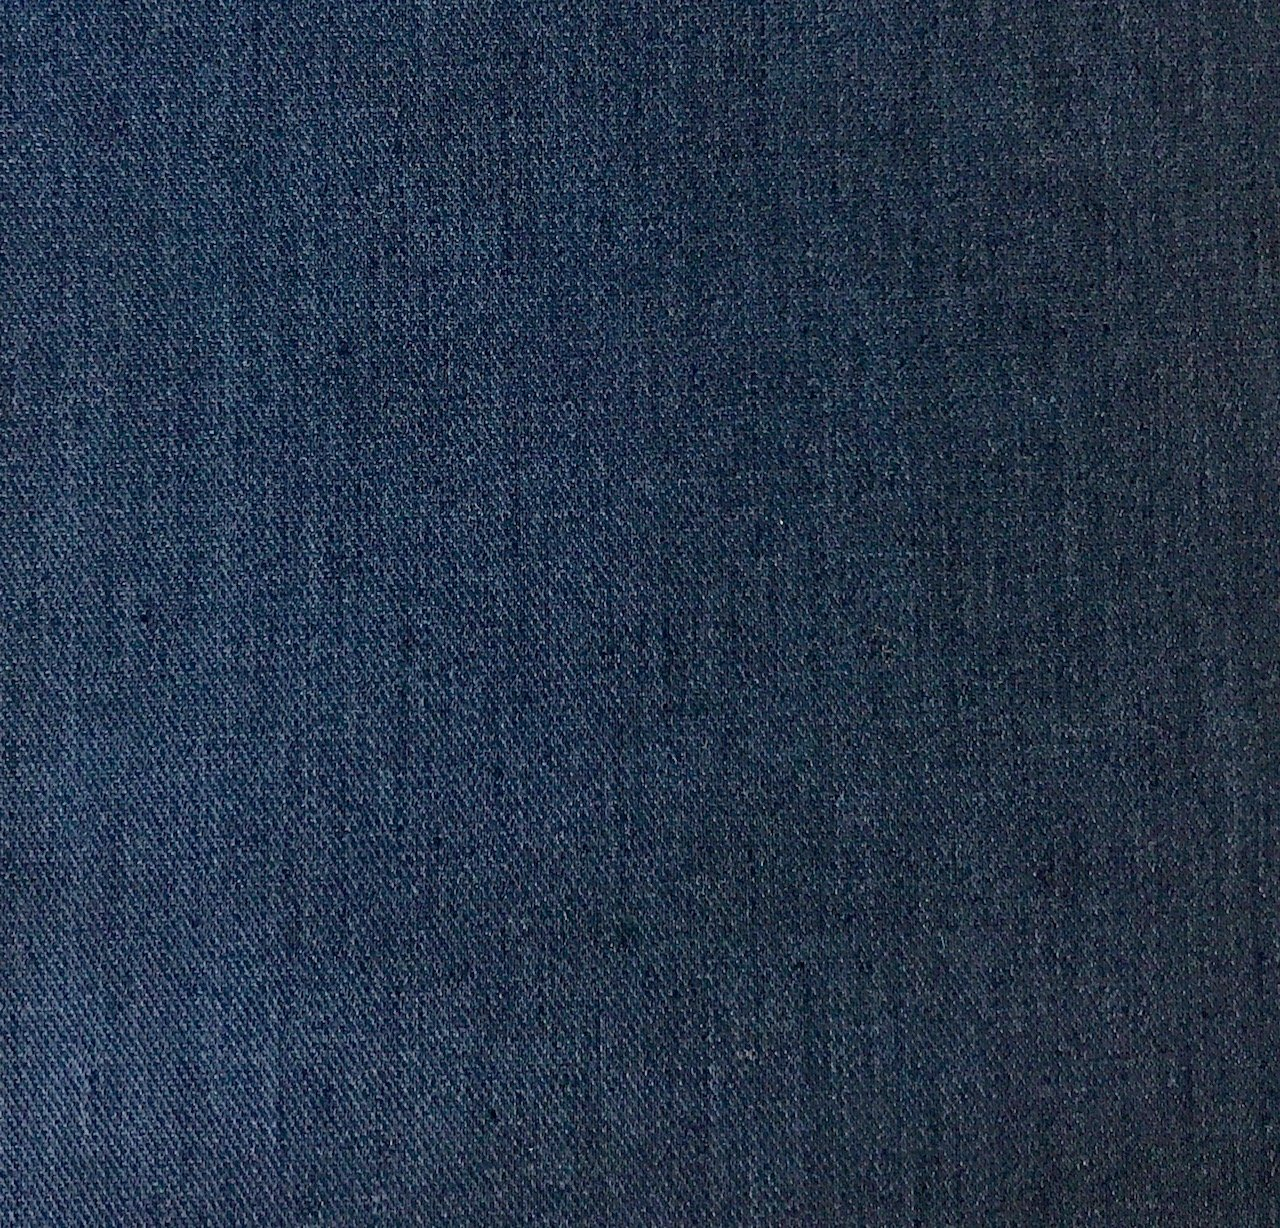 Twill - Blue